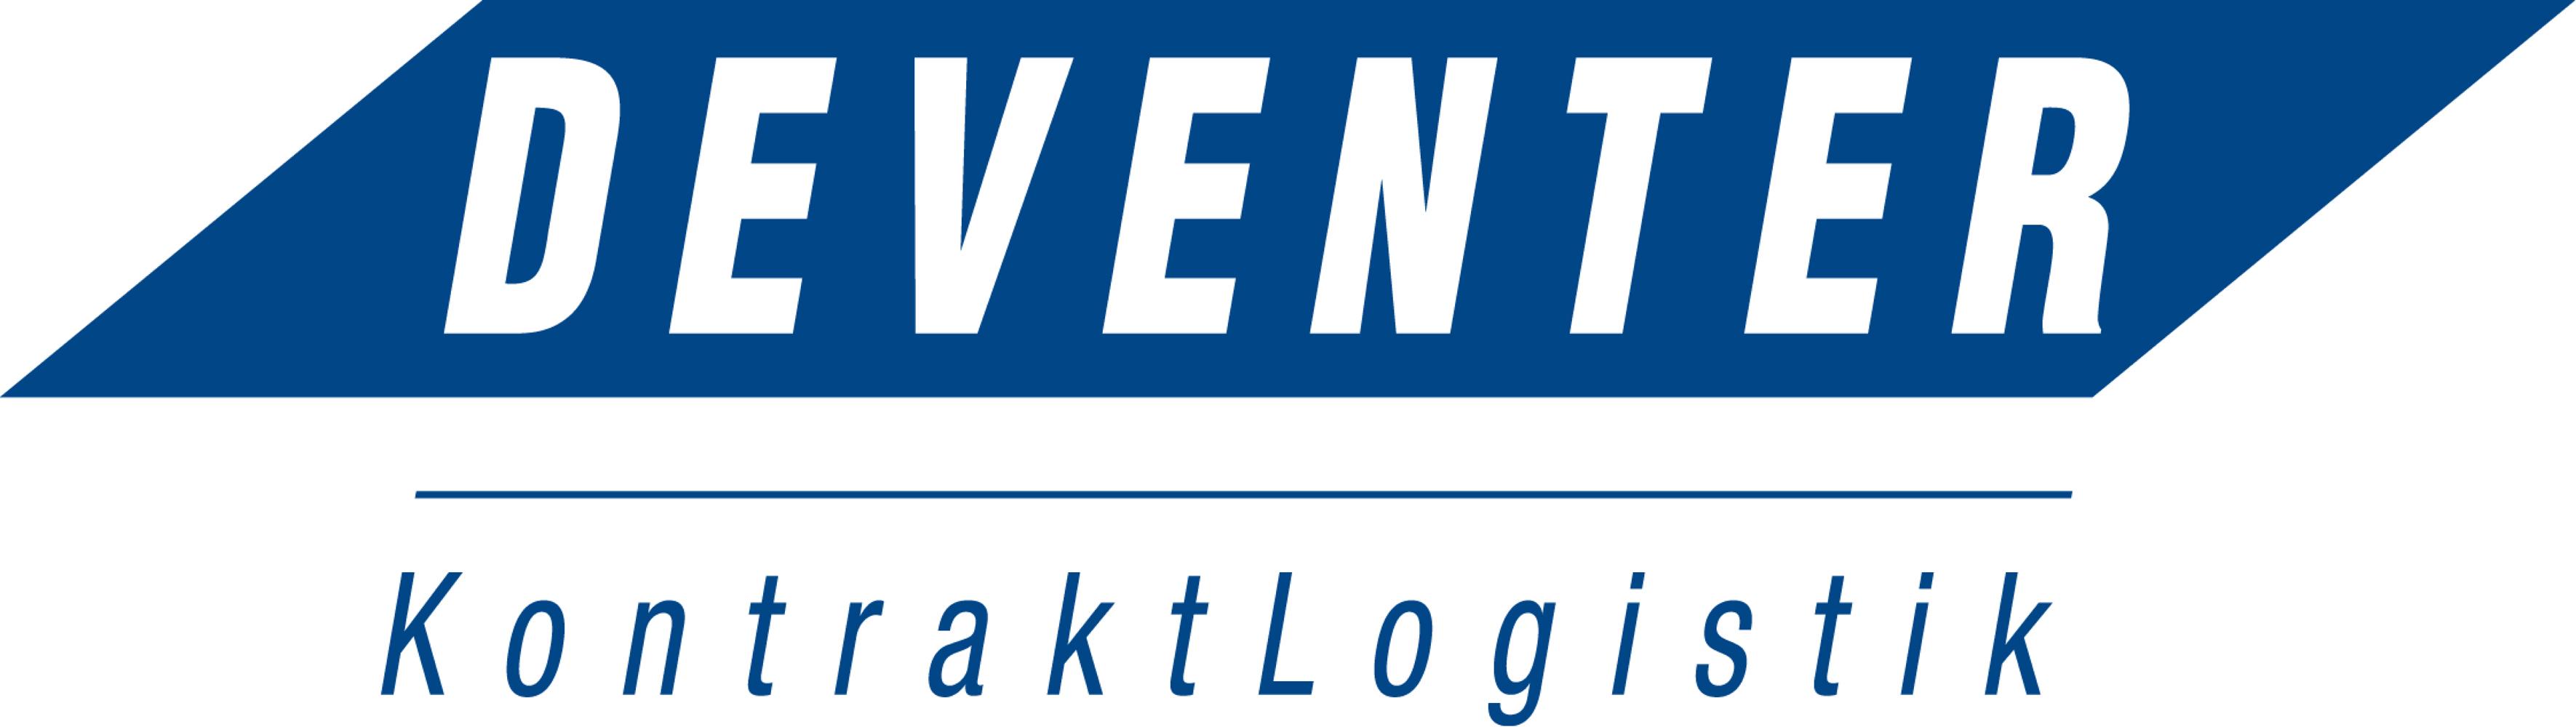 Deventer KontraktLogistik GmbH